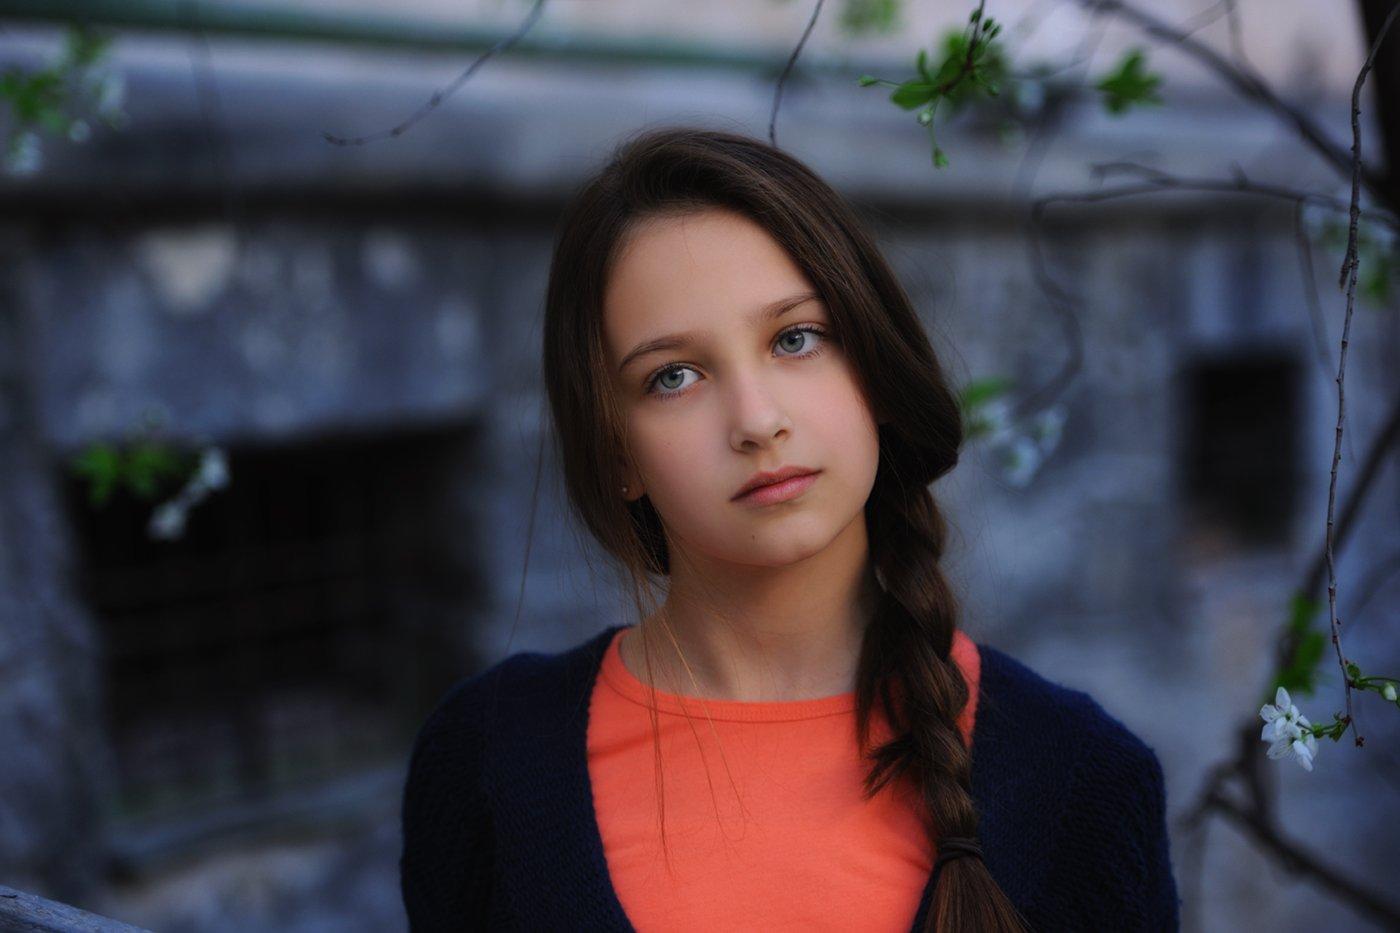 весна, двор, девочка, модель, Вьюшкин Игорь